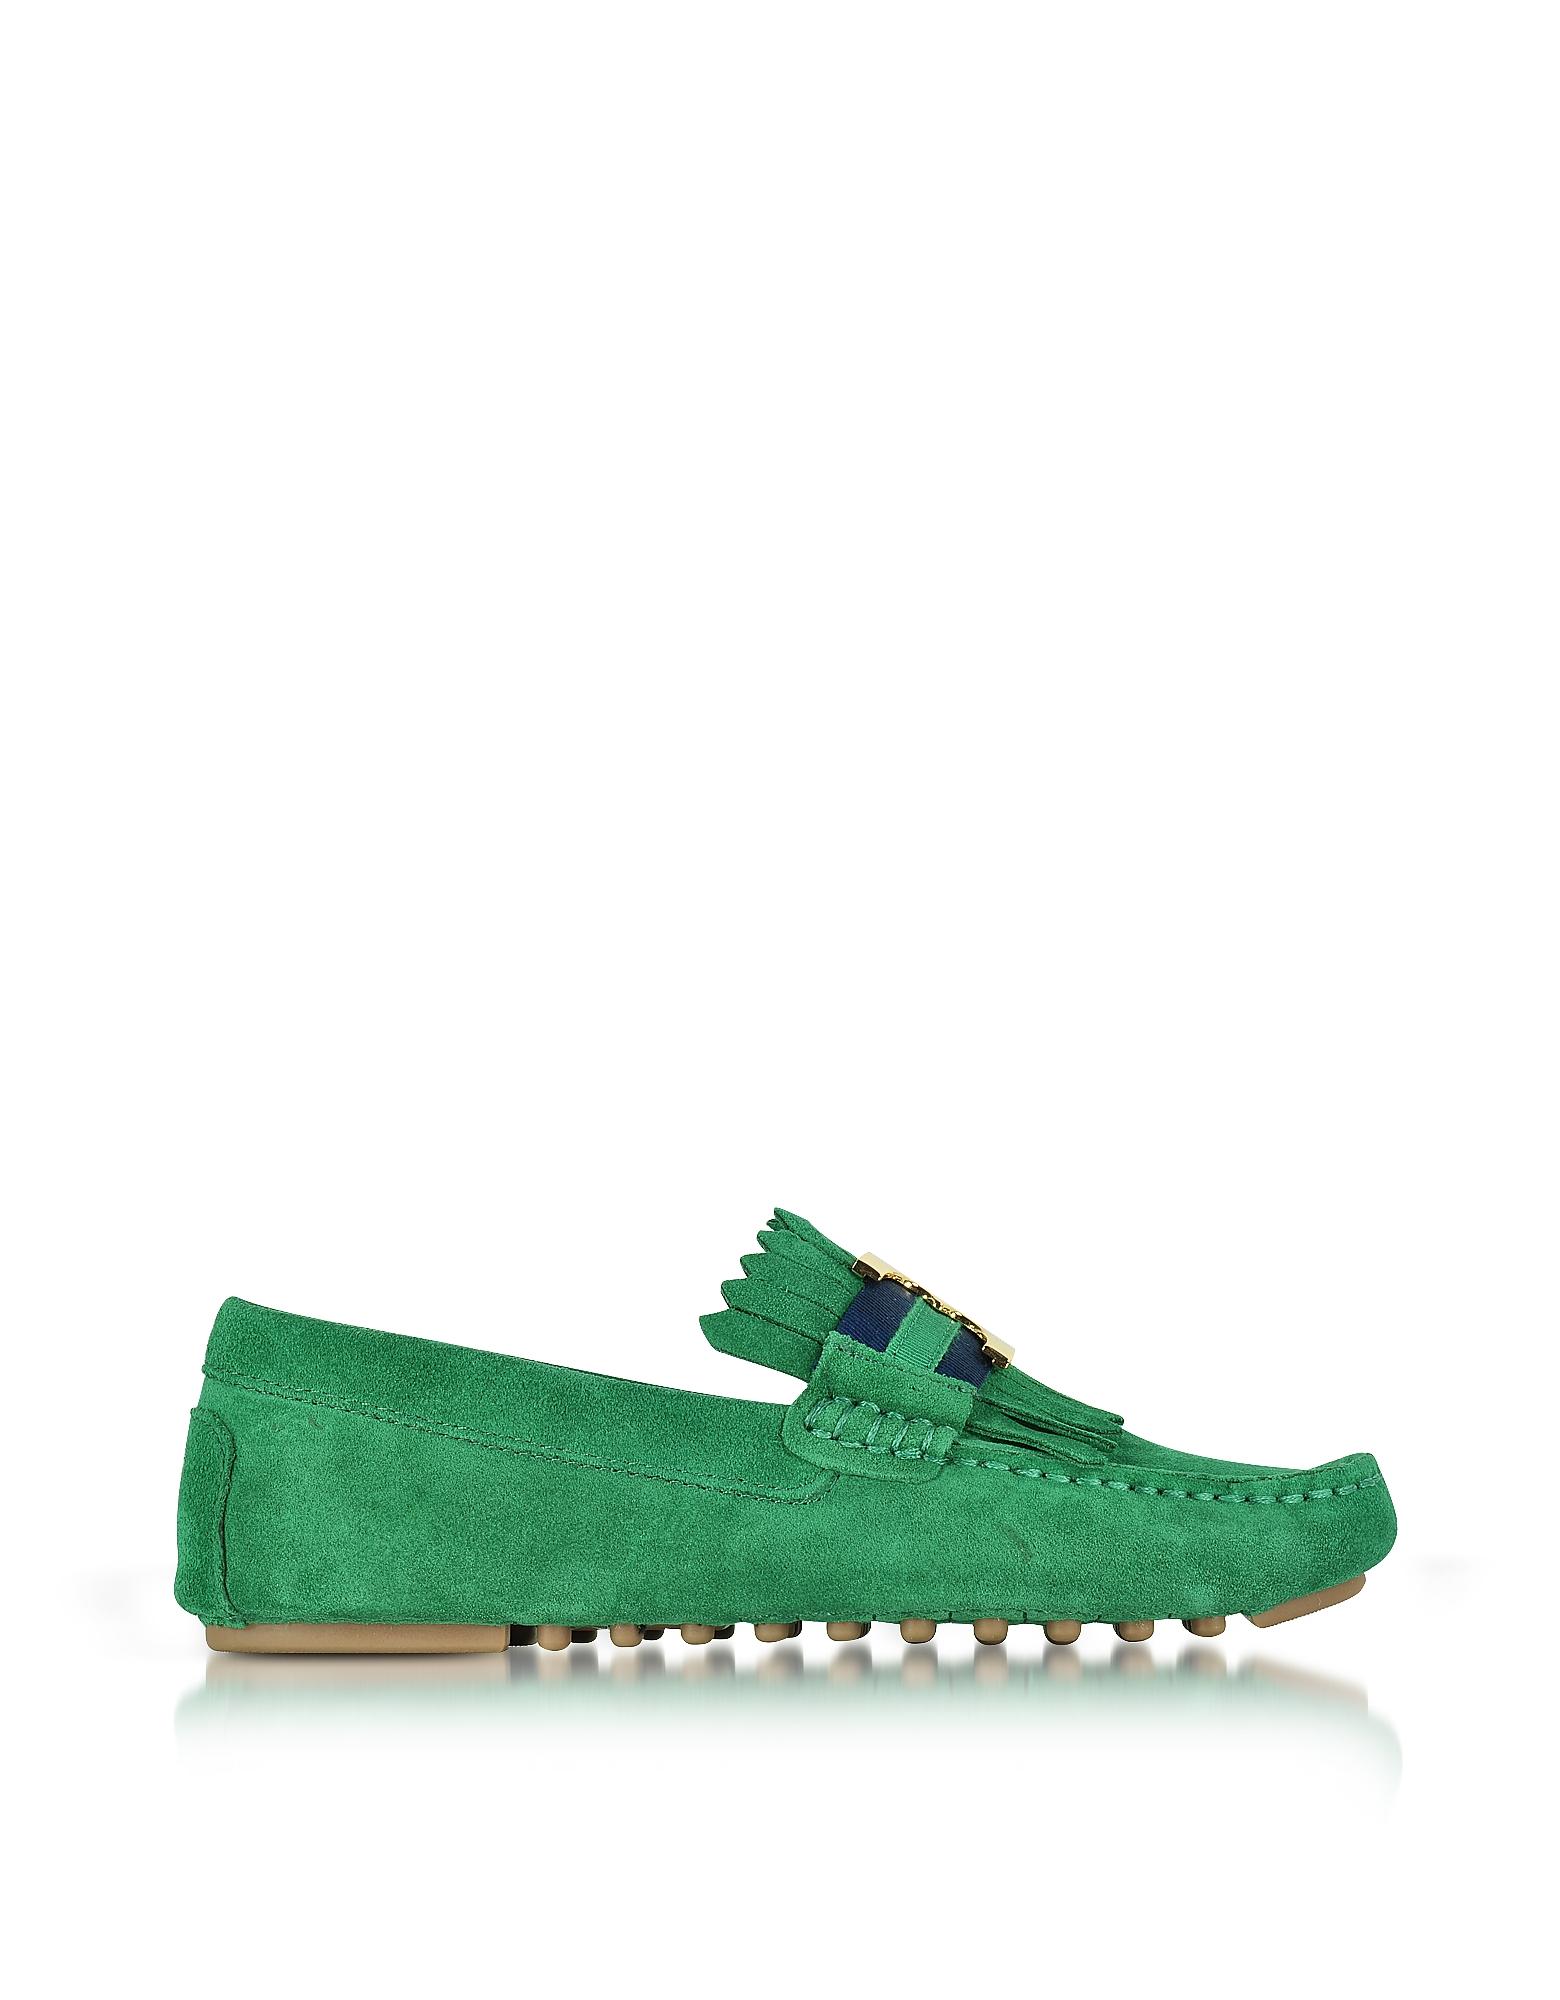 Gemini Link - Изумрудно Зеленые Замшевые Туфли для Вождения